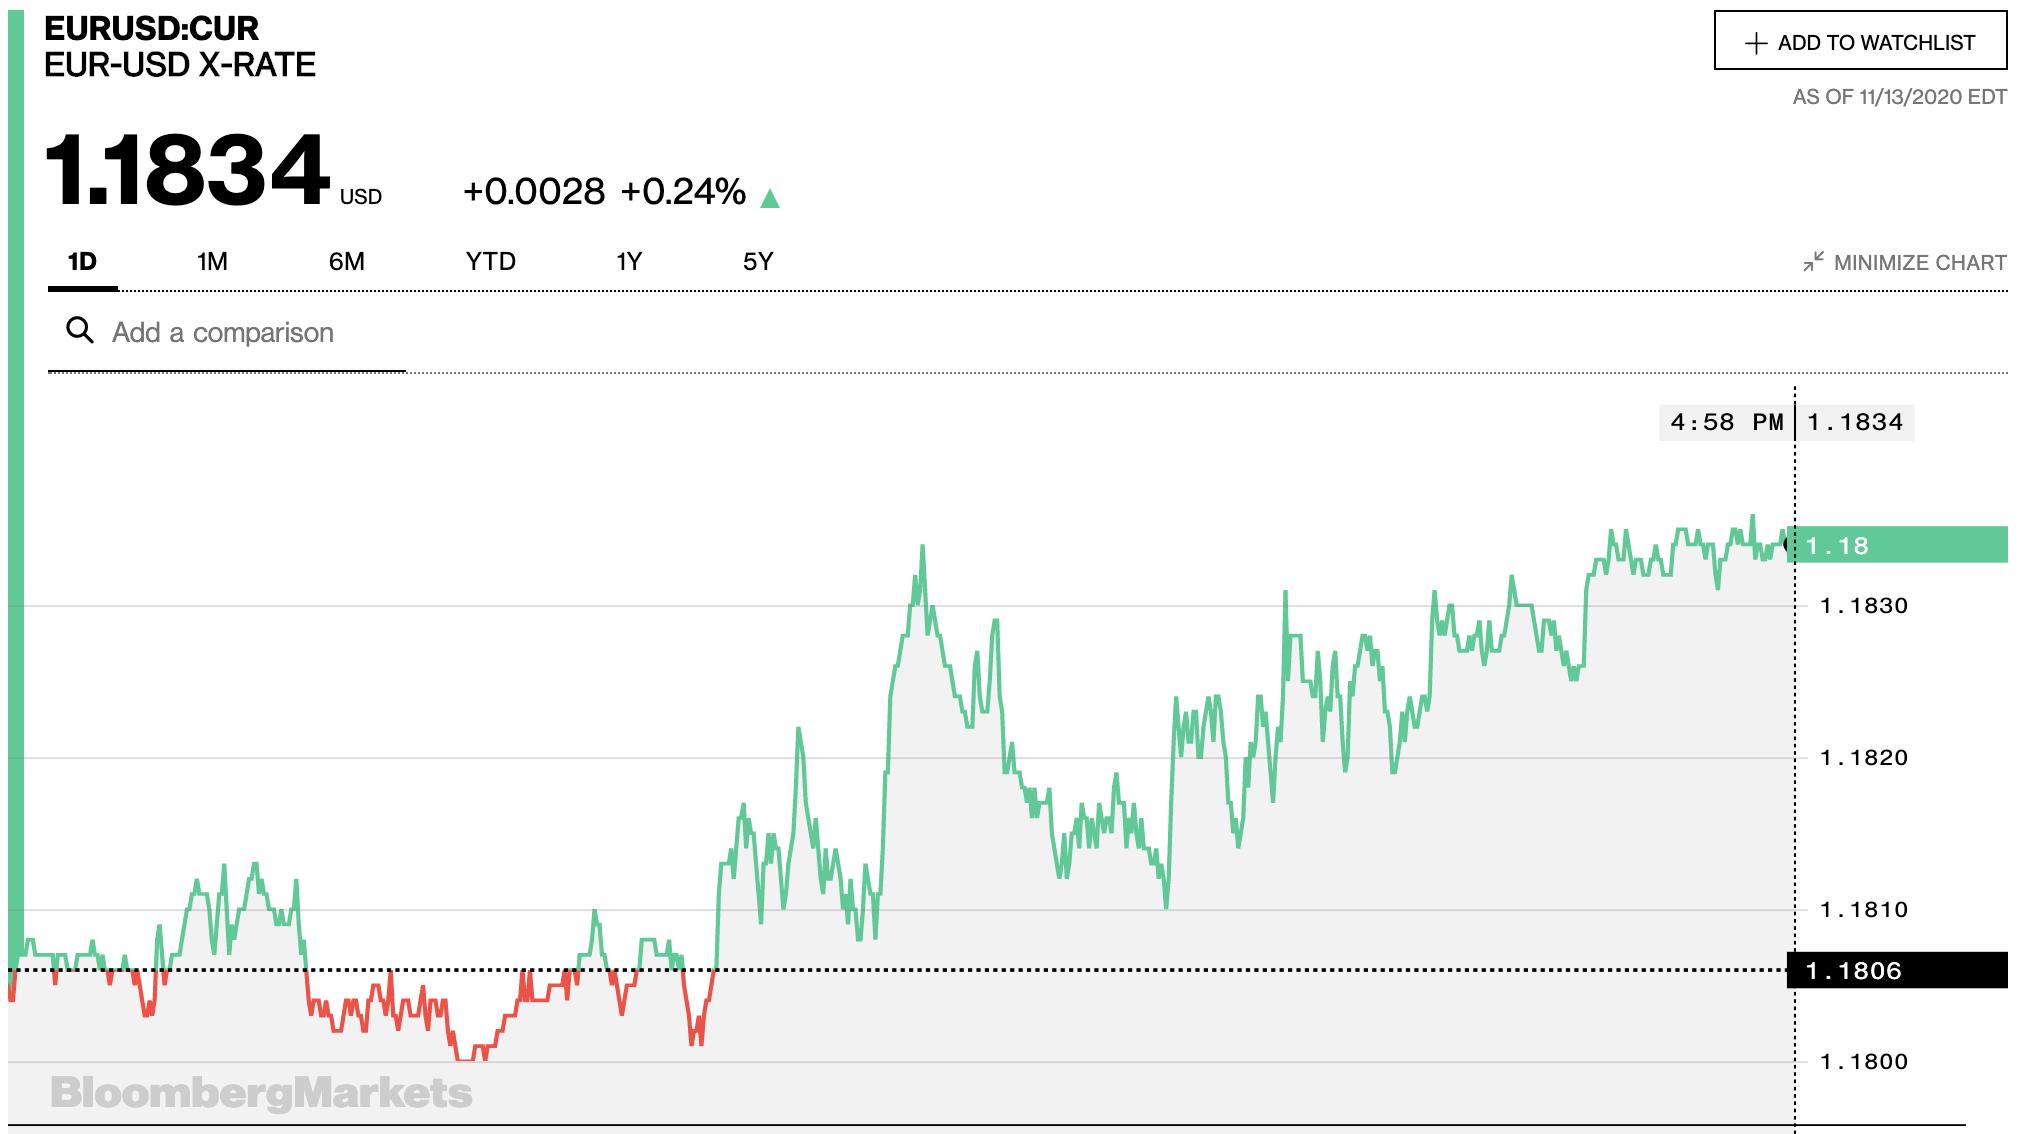 Tỷ giá euro hôm nay 14/11: Một vài ngân hàng không đổi trong khi nhiều ngân hàng tăng giá - Ảnh 2.